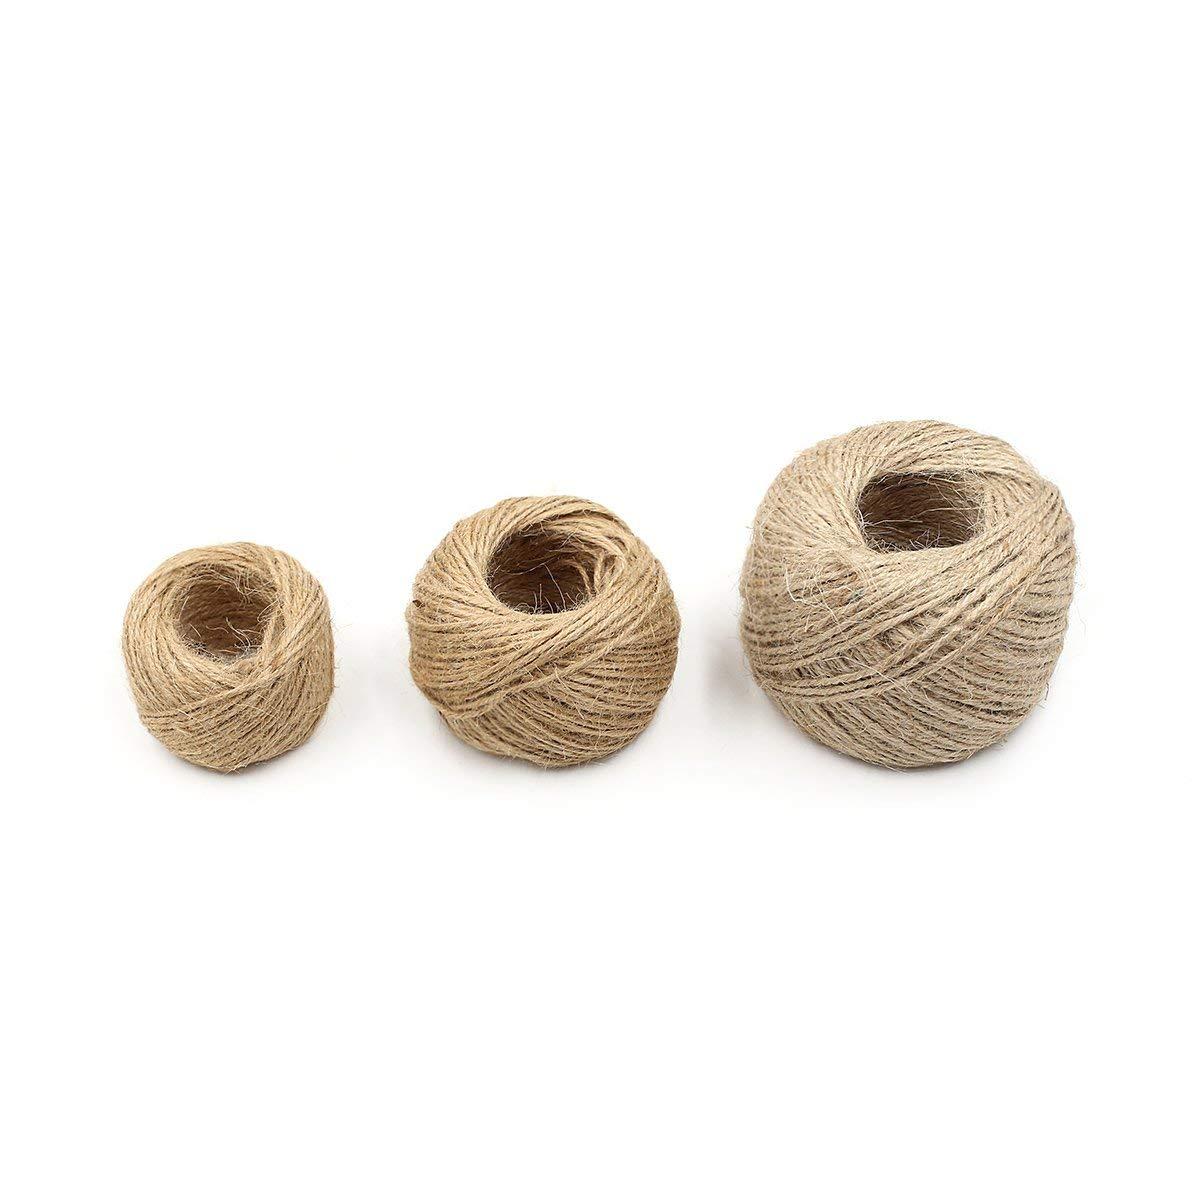 KKUR Cordon de Ficelle de Jute Naturelle de 25 m Corde de Chanvre Ficelle 2 mm demballage Cadeau en Toile de Jute Corde 10 Rouleaux Gris